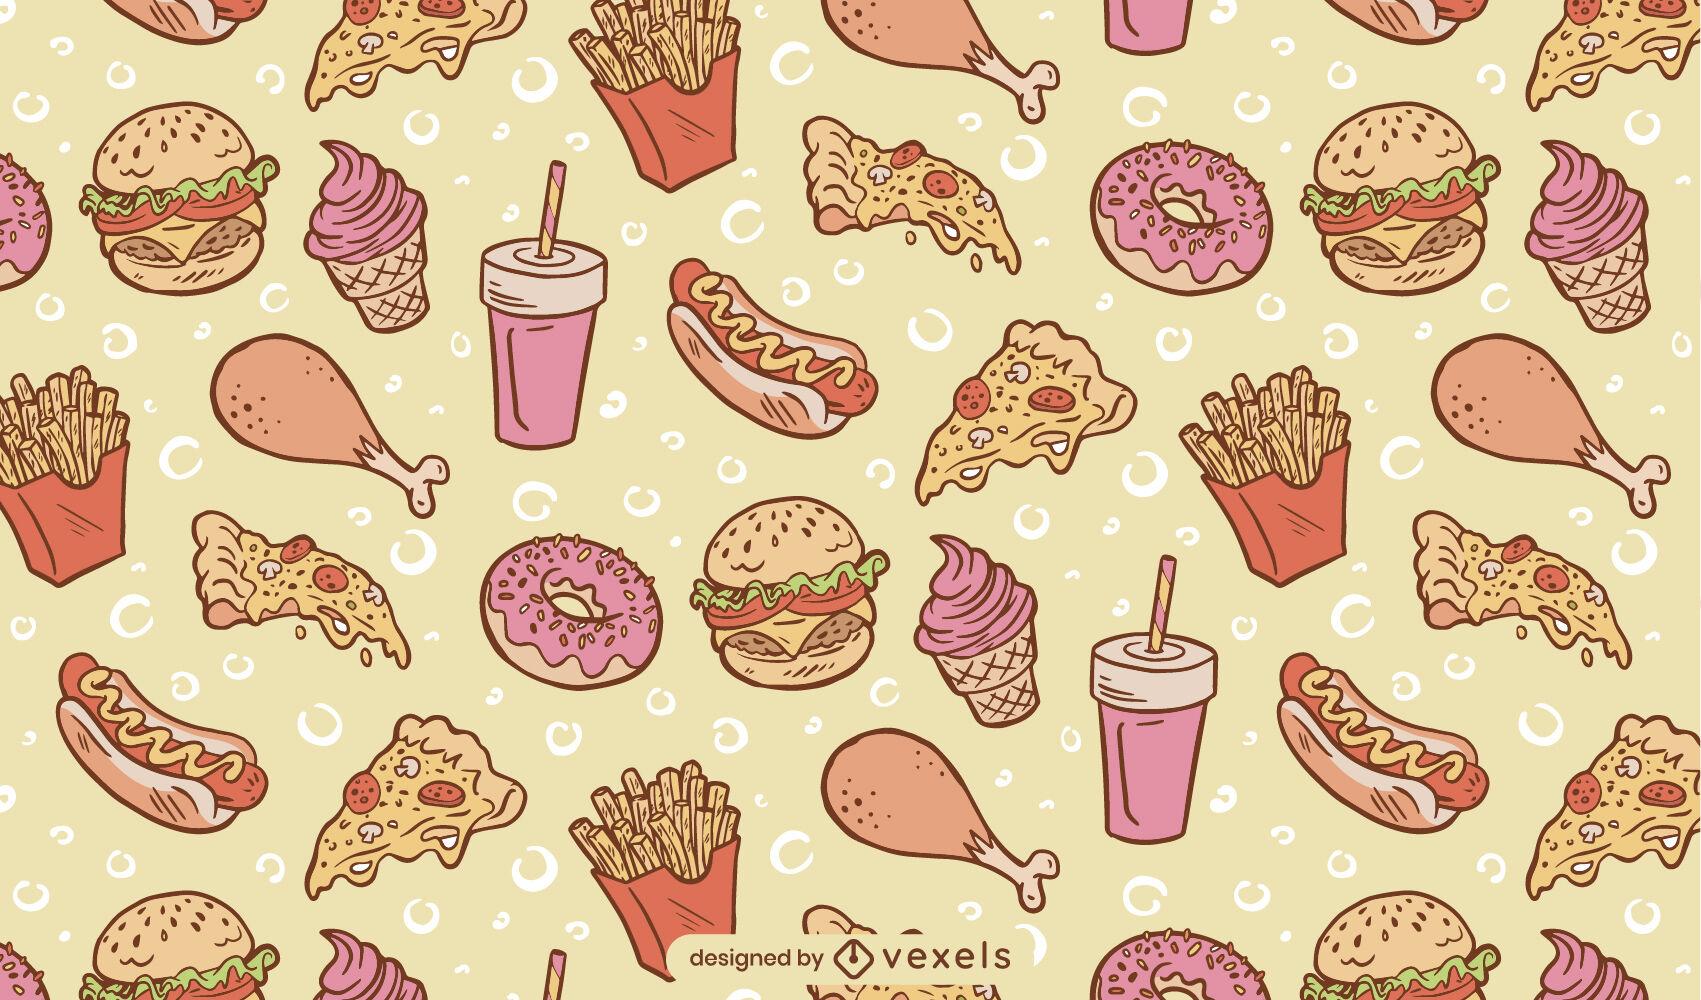 Diseño de patrón de comidas de comida rápida